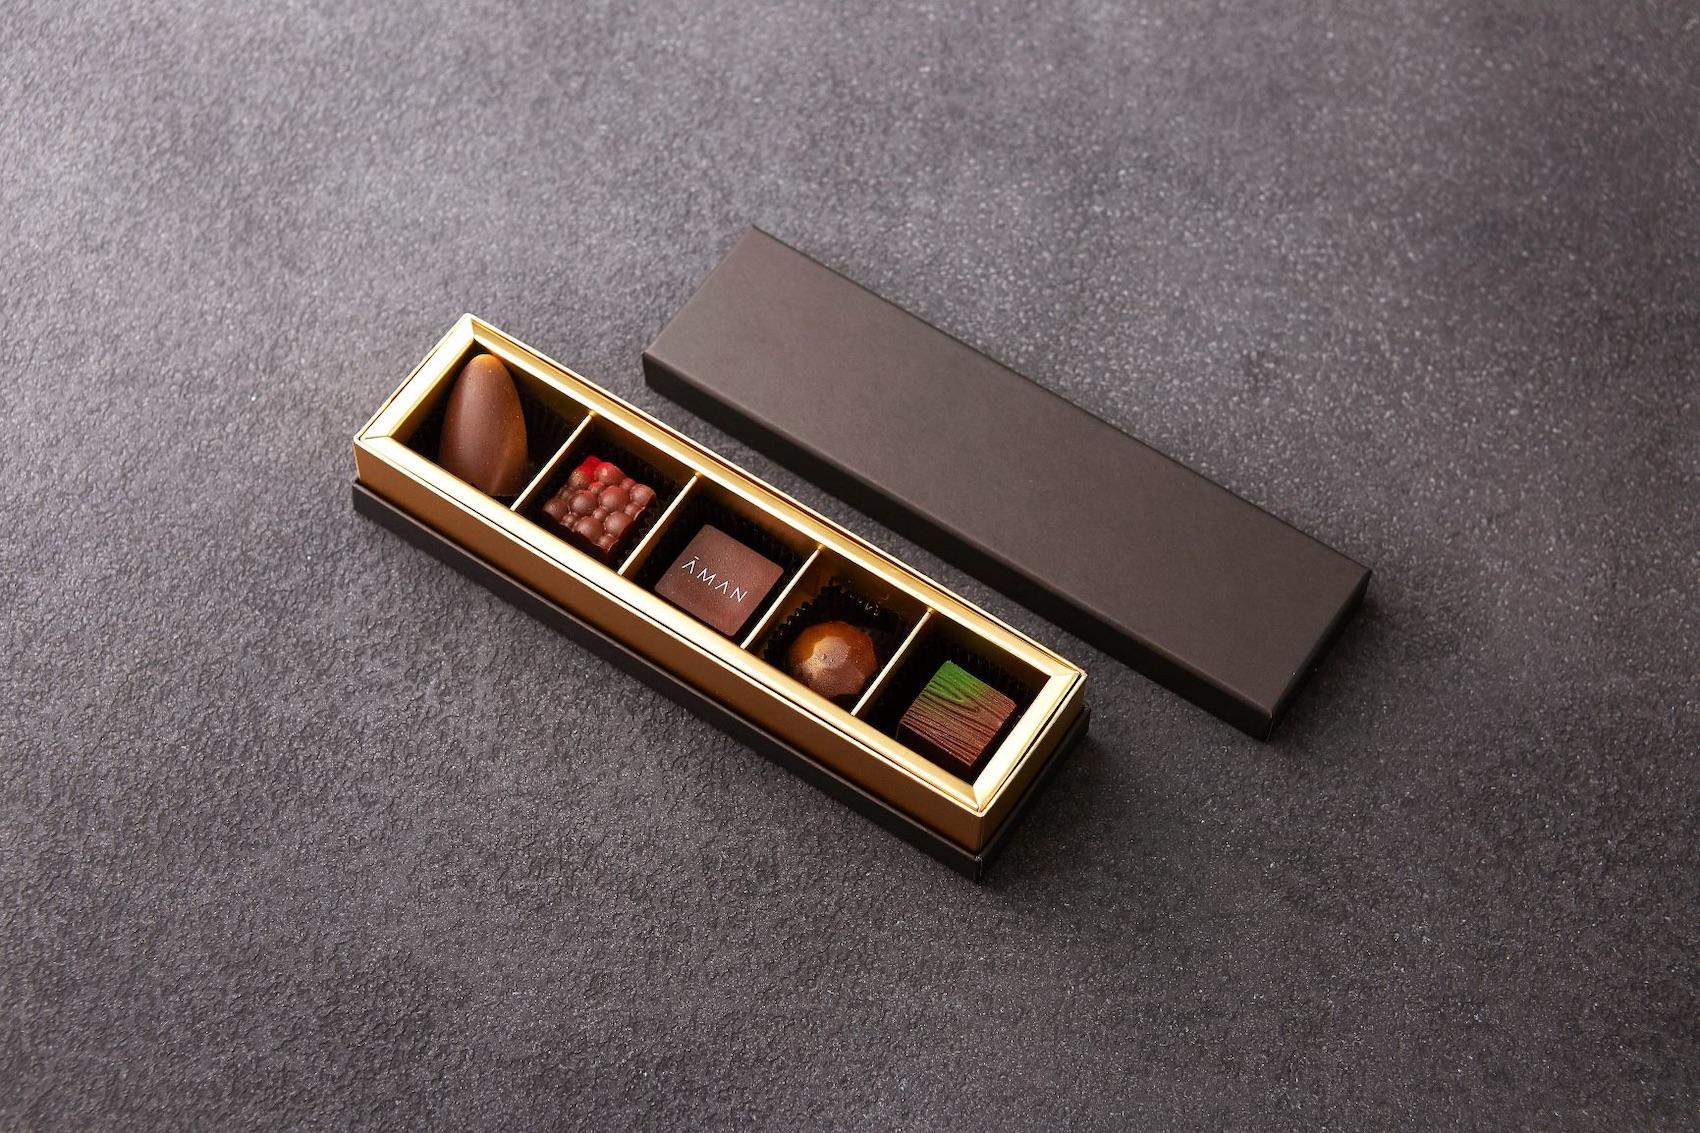 アマン東京のチョコレート5個セット